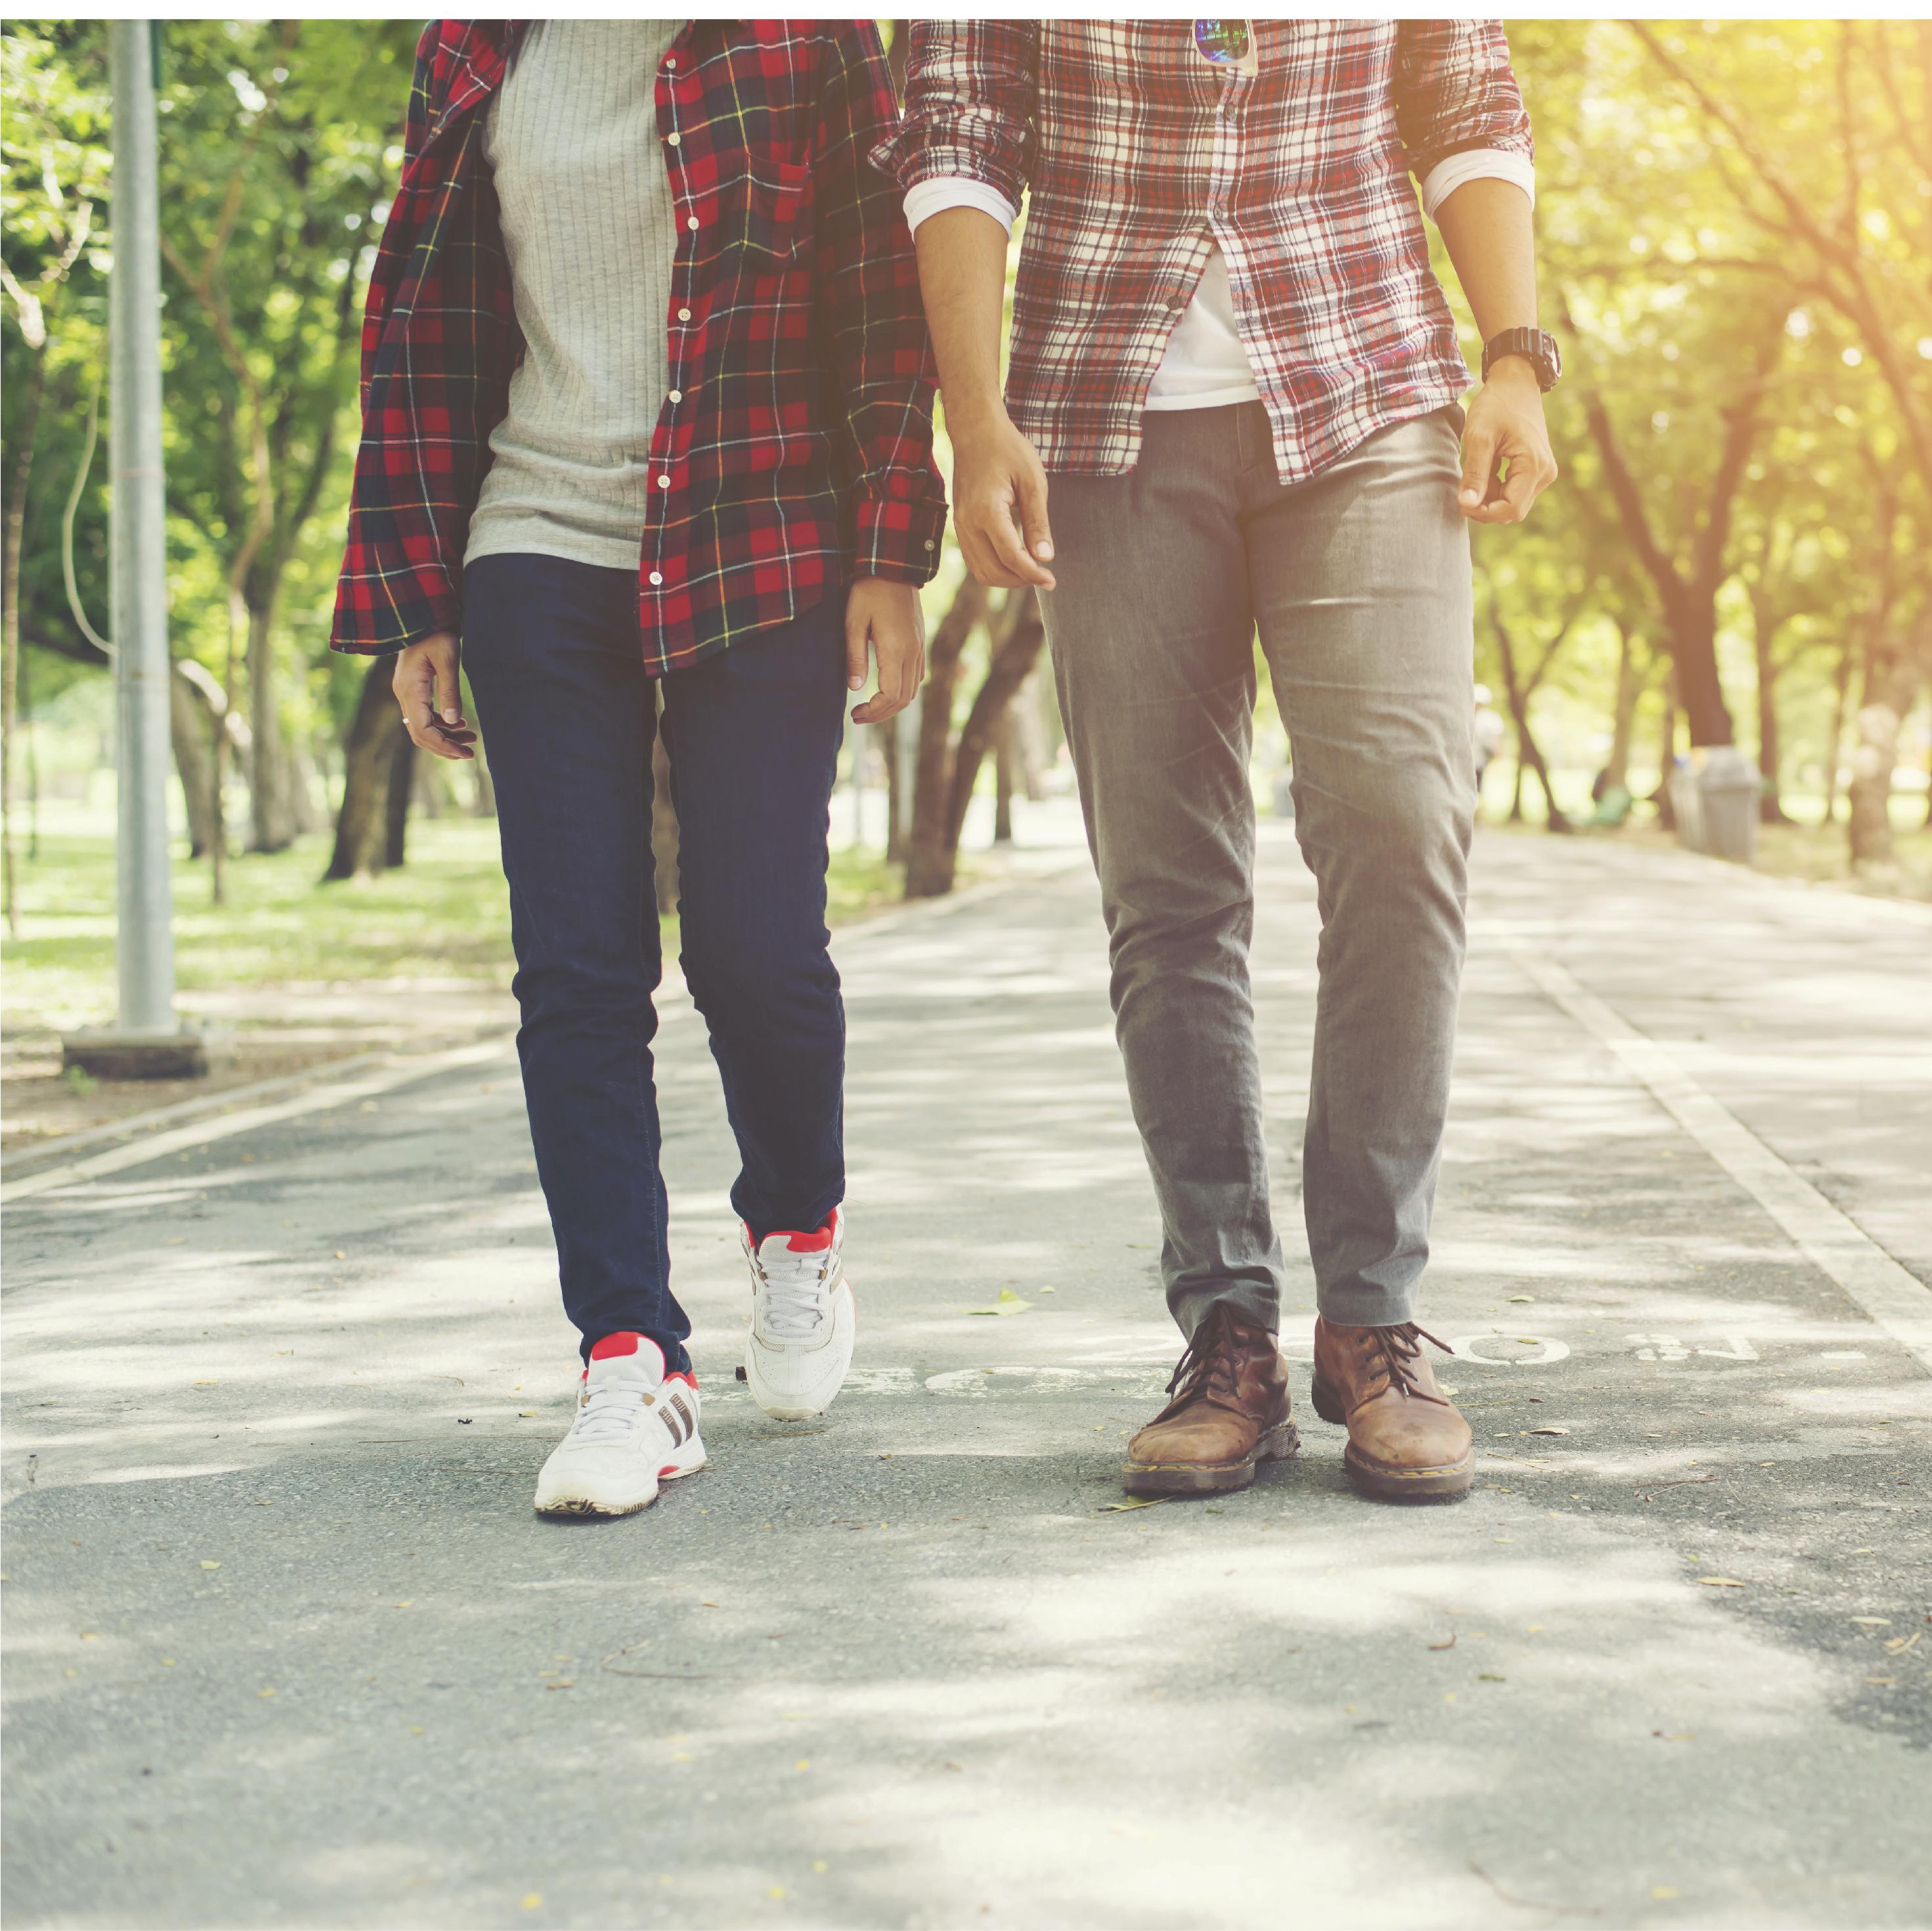 07f61a5549fd3 Deseo tener una pareja y vivir en relación